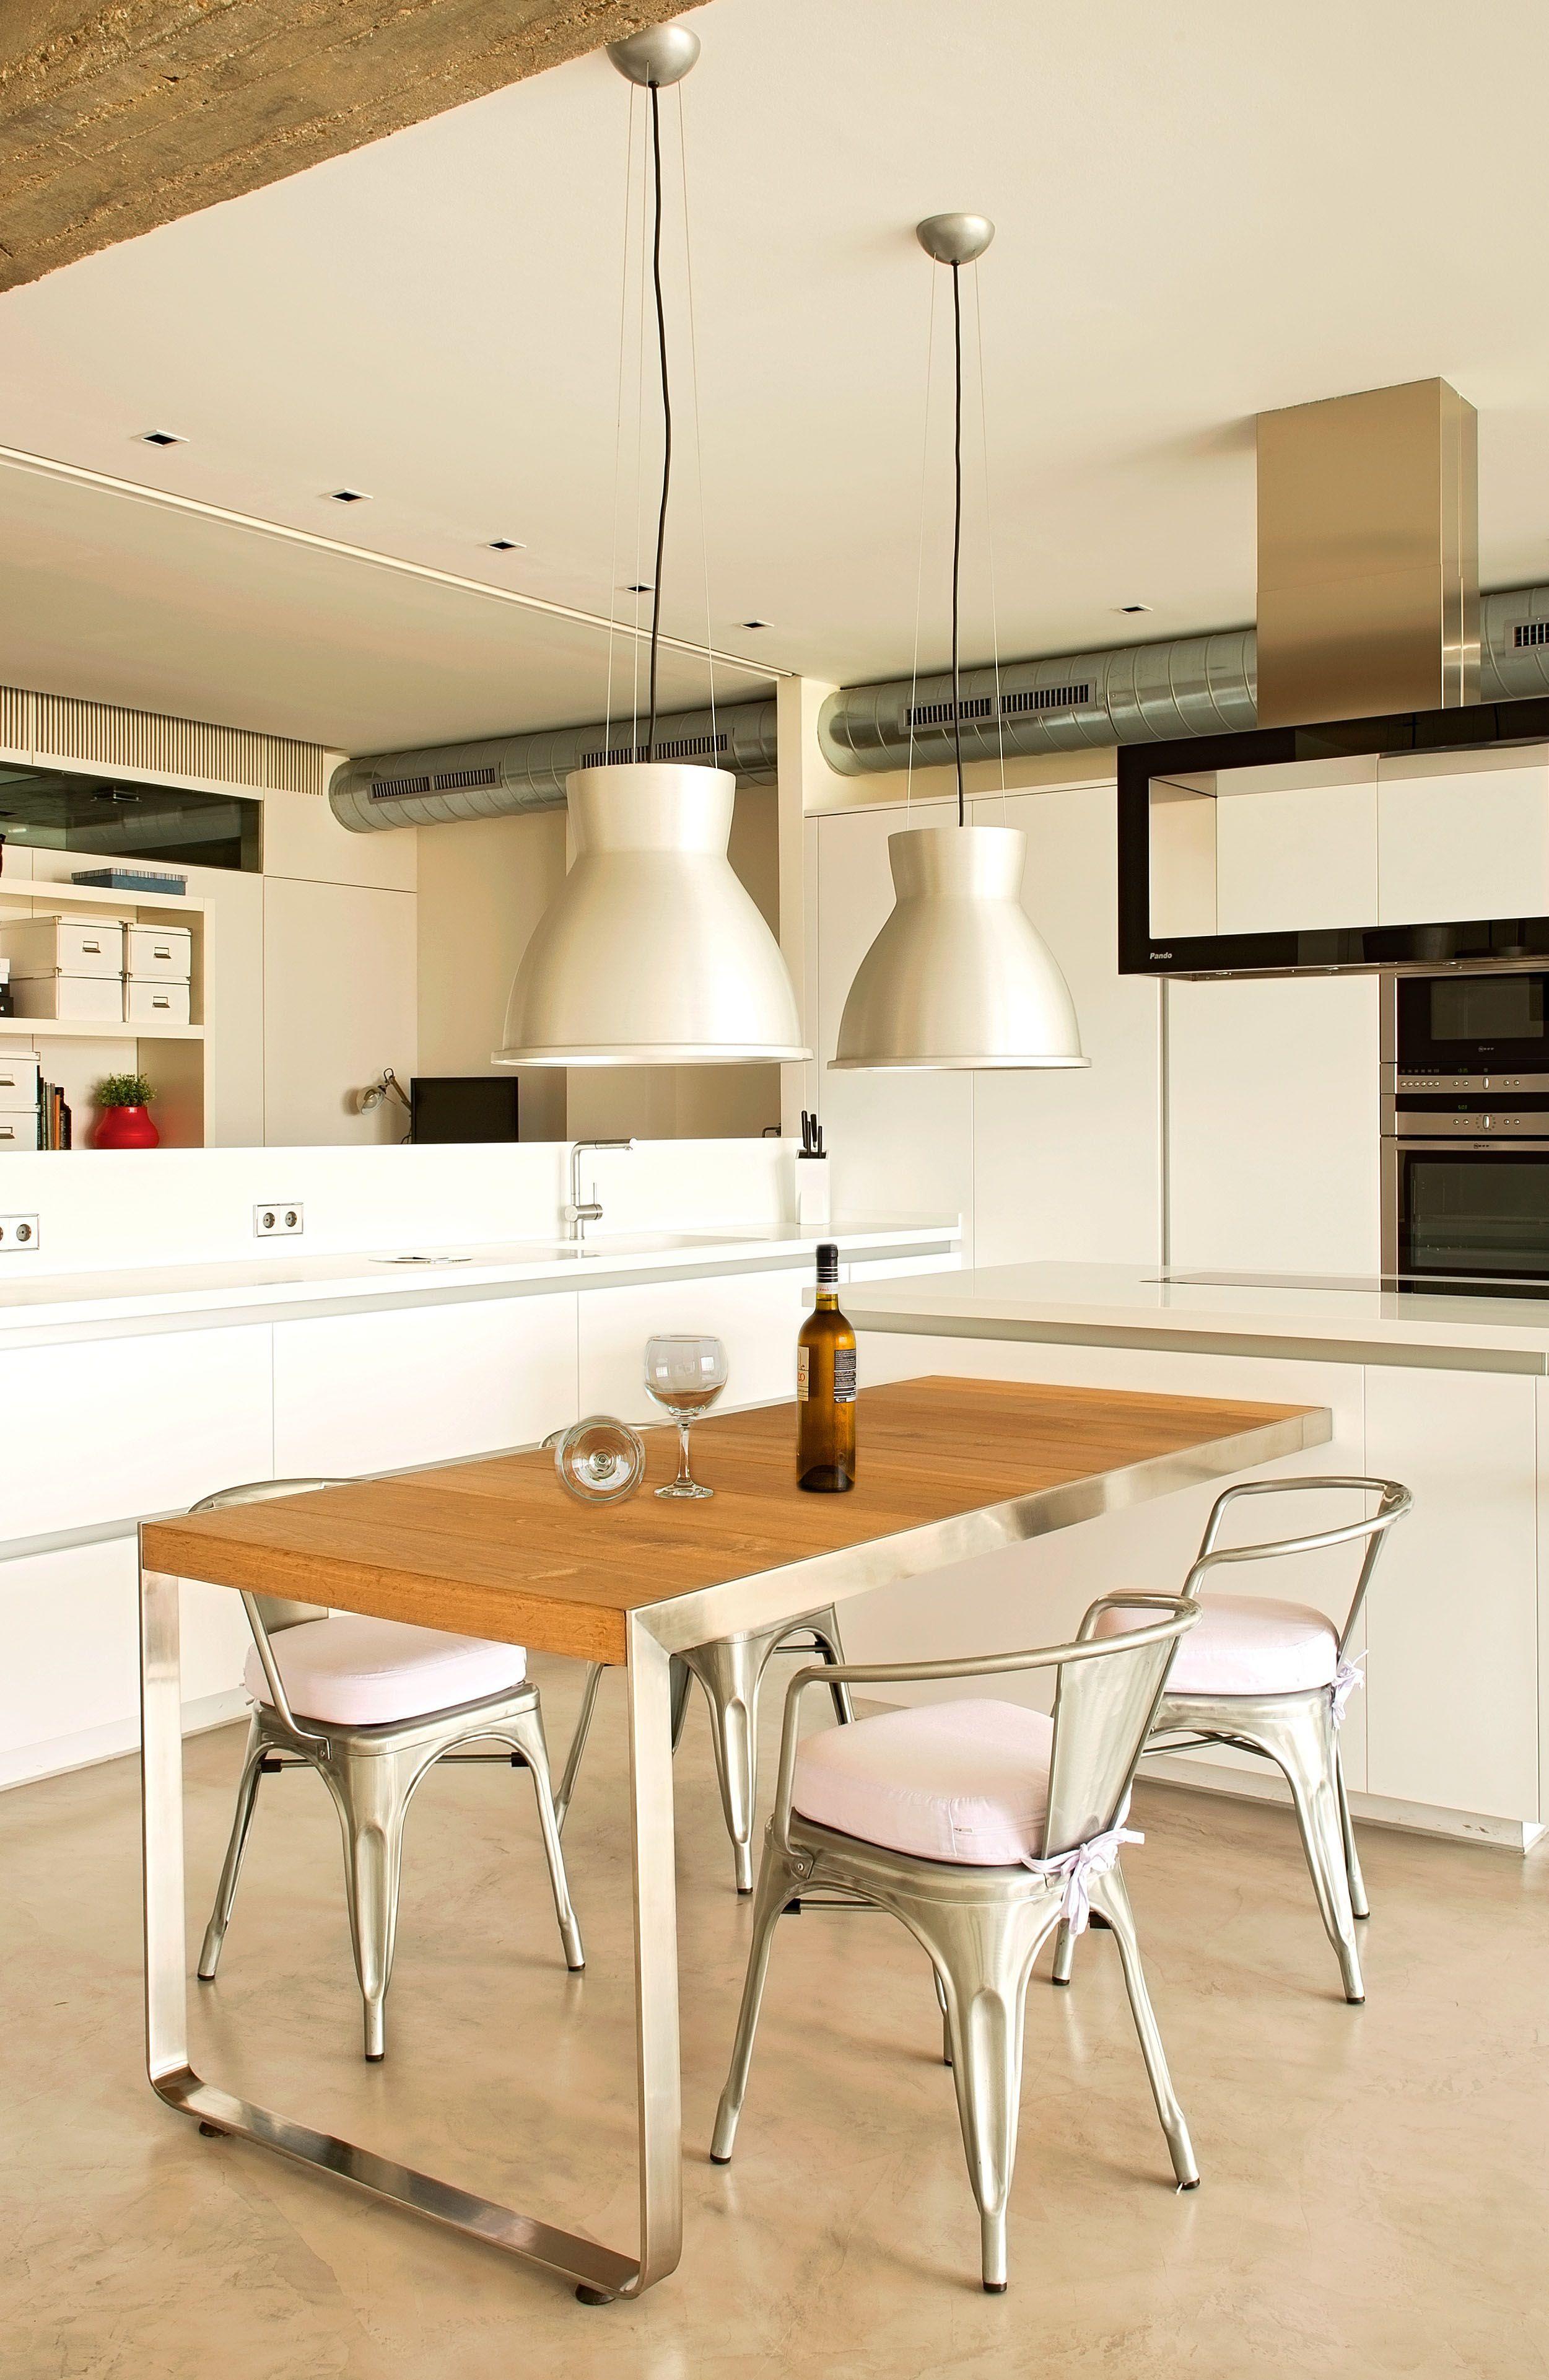 Comedor #Estudio #Cocina #moderno #decoracion via @planreforma ...